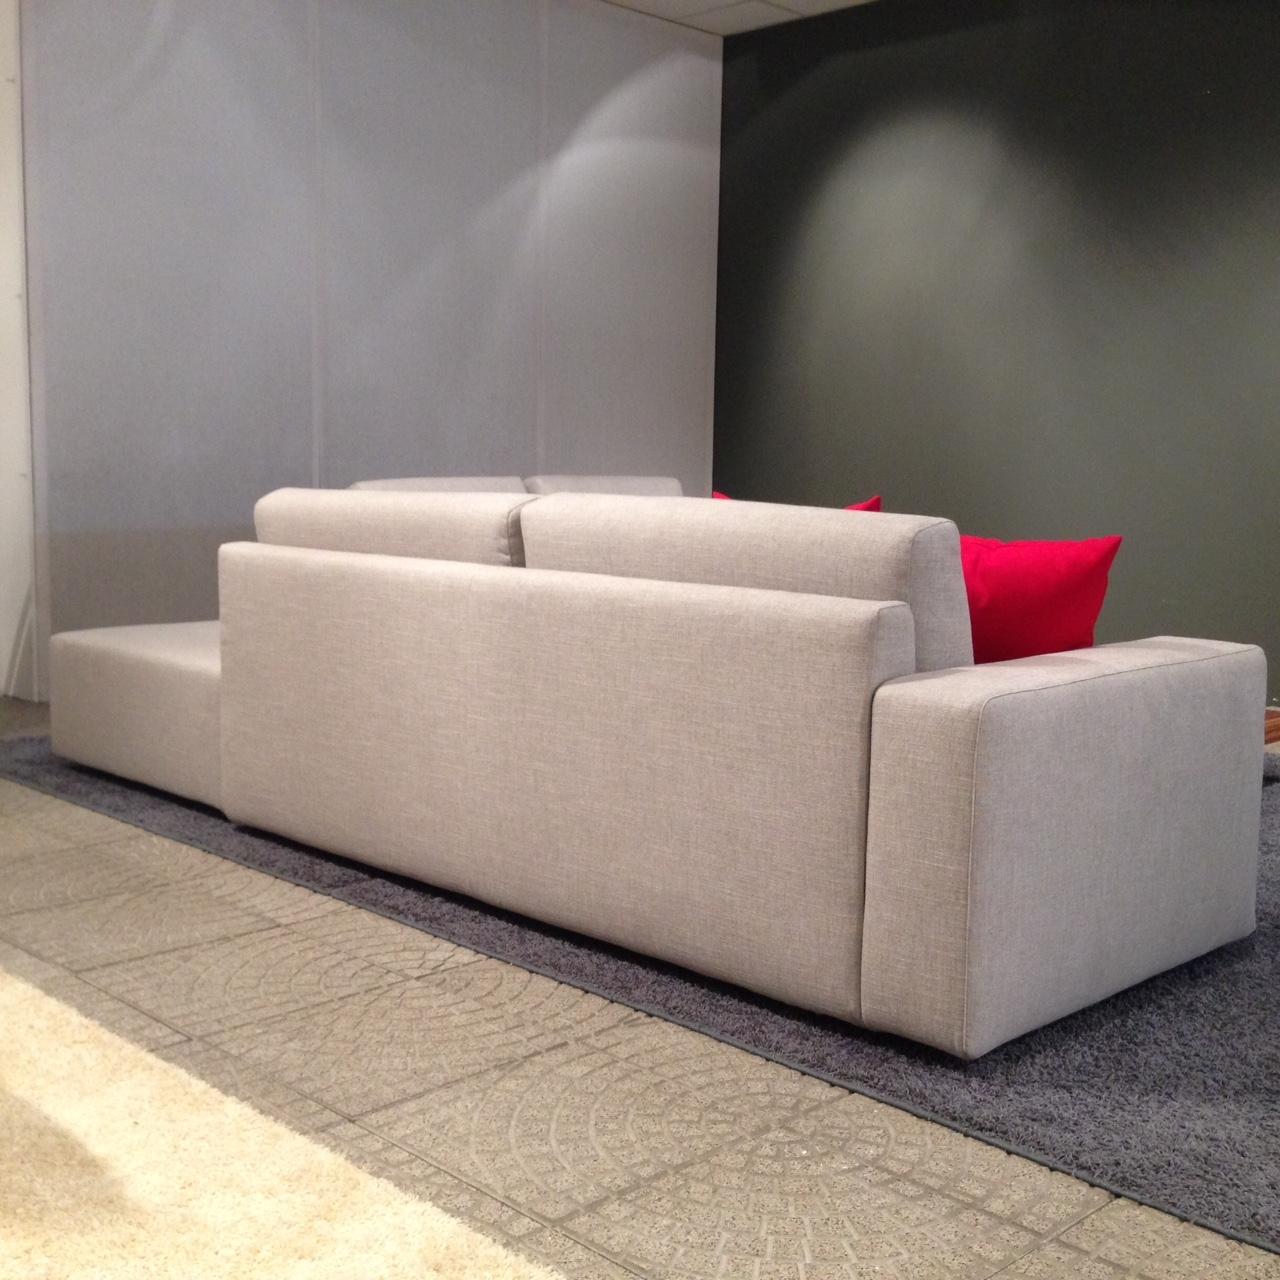 Divano citterio brug scontato del 50 divani a - Outlet del divano varedo ...